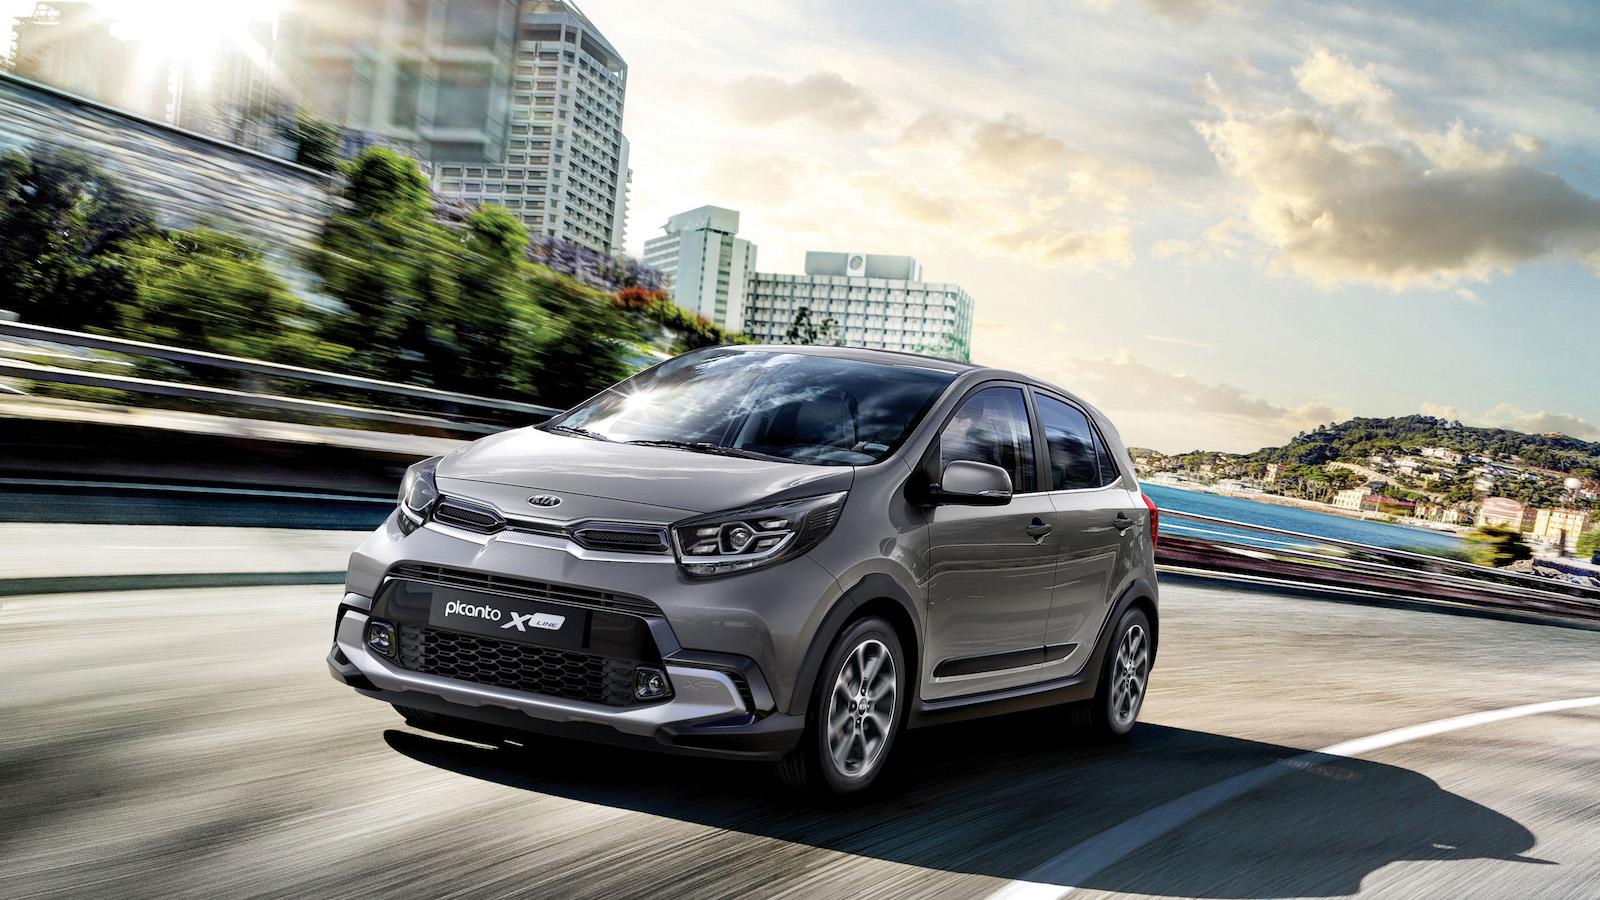 KIA 新年銷售氣勢高 Picanto、Sorento 接單各突破 350 台